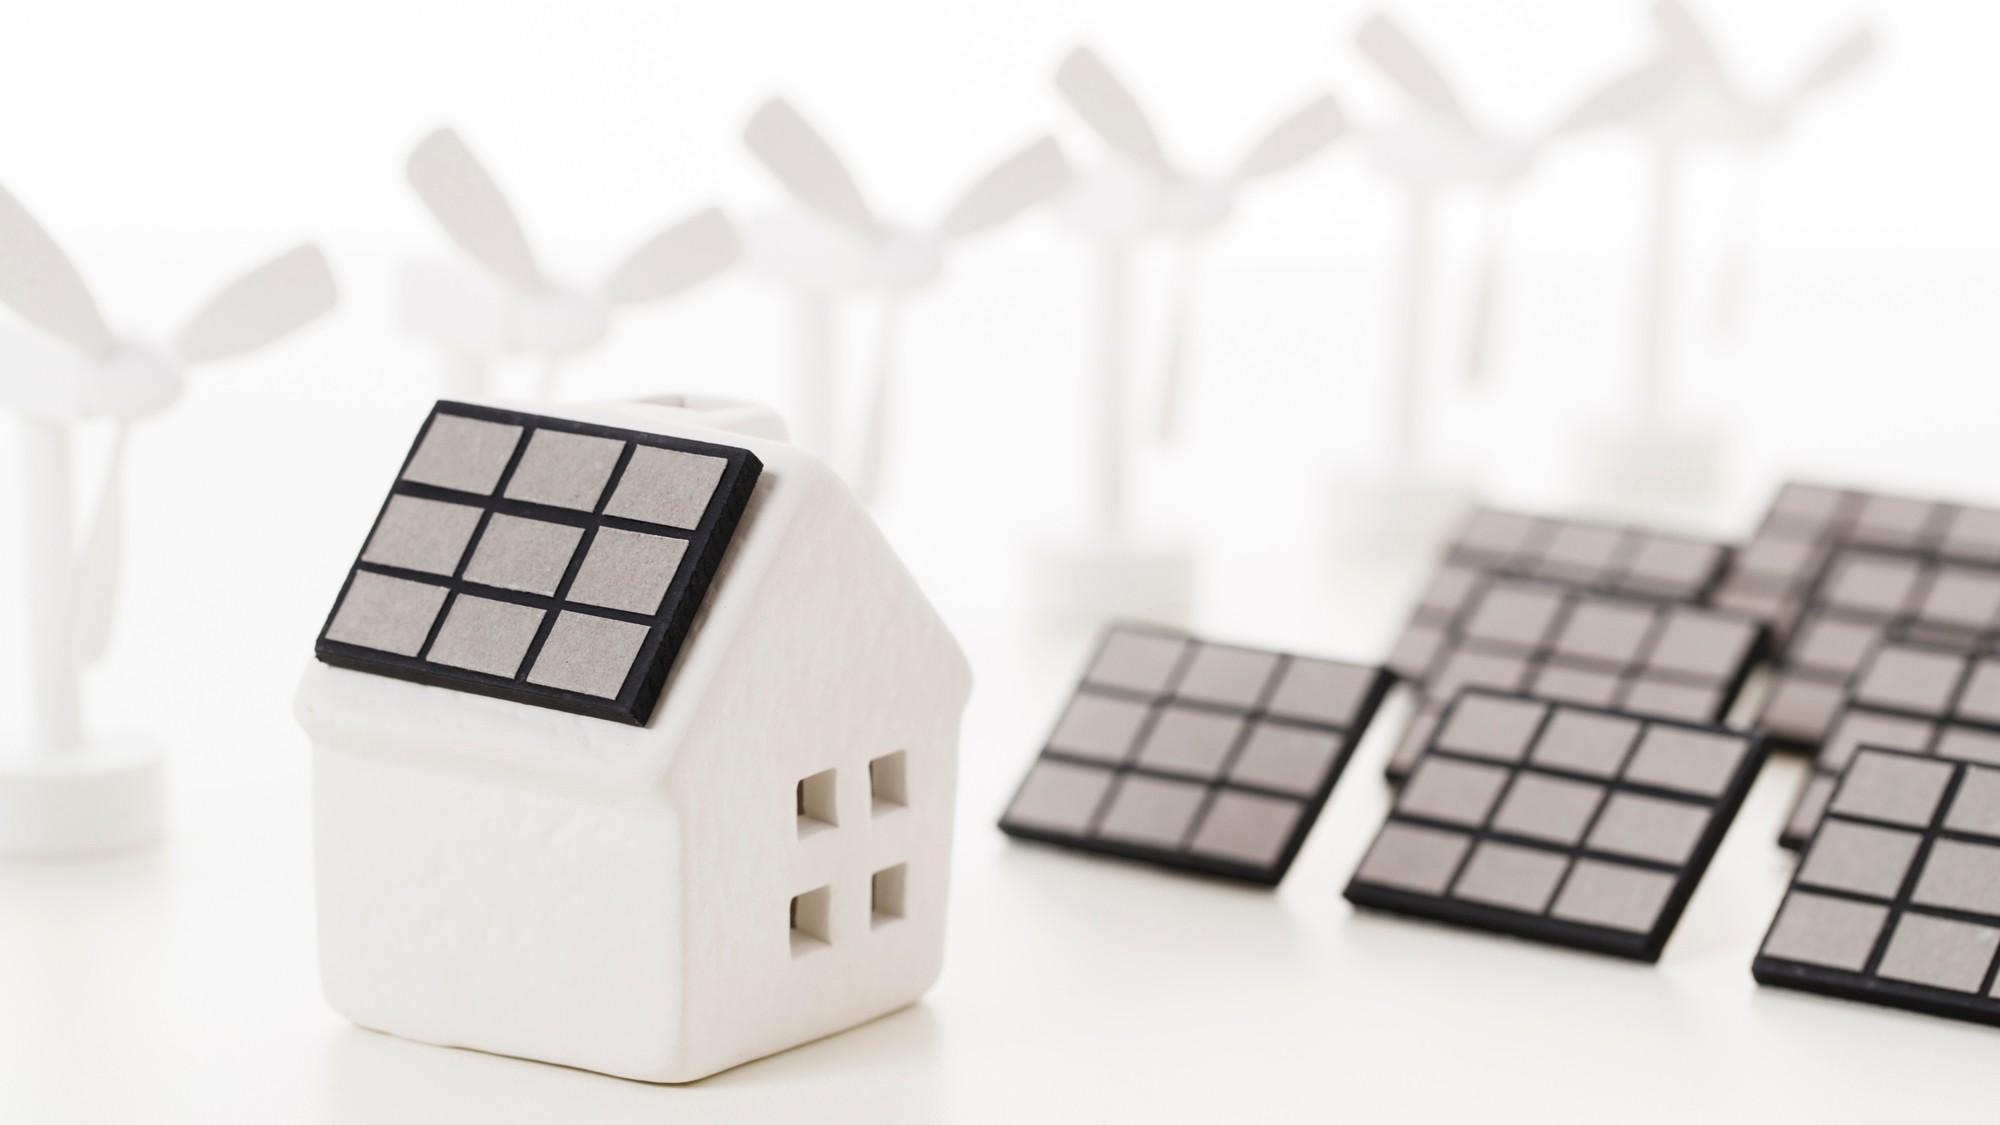 会社員でもできる「太陽光発電」税金対策を有利に進めるには?